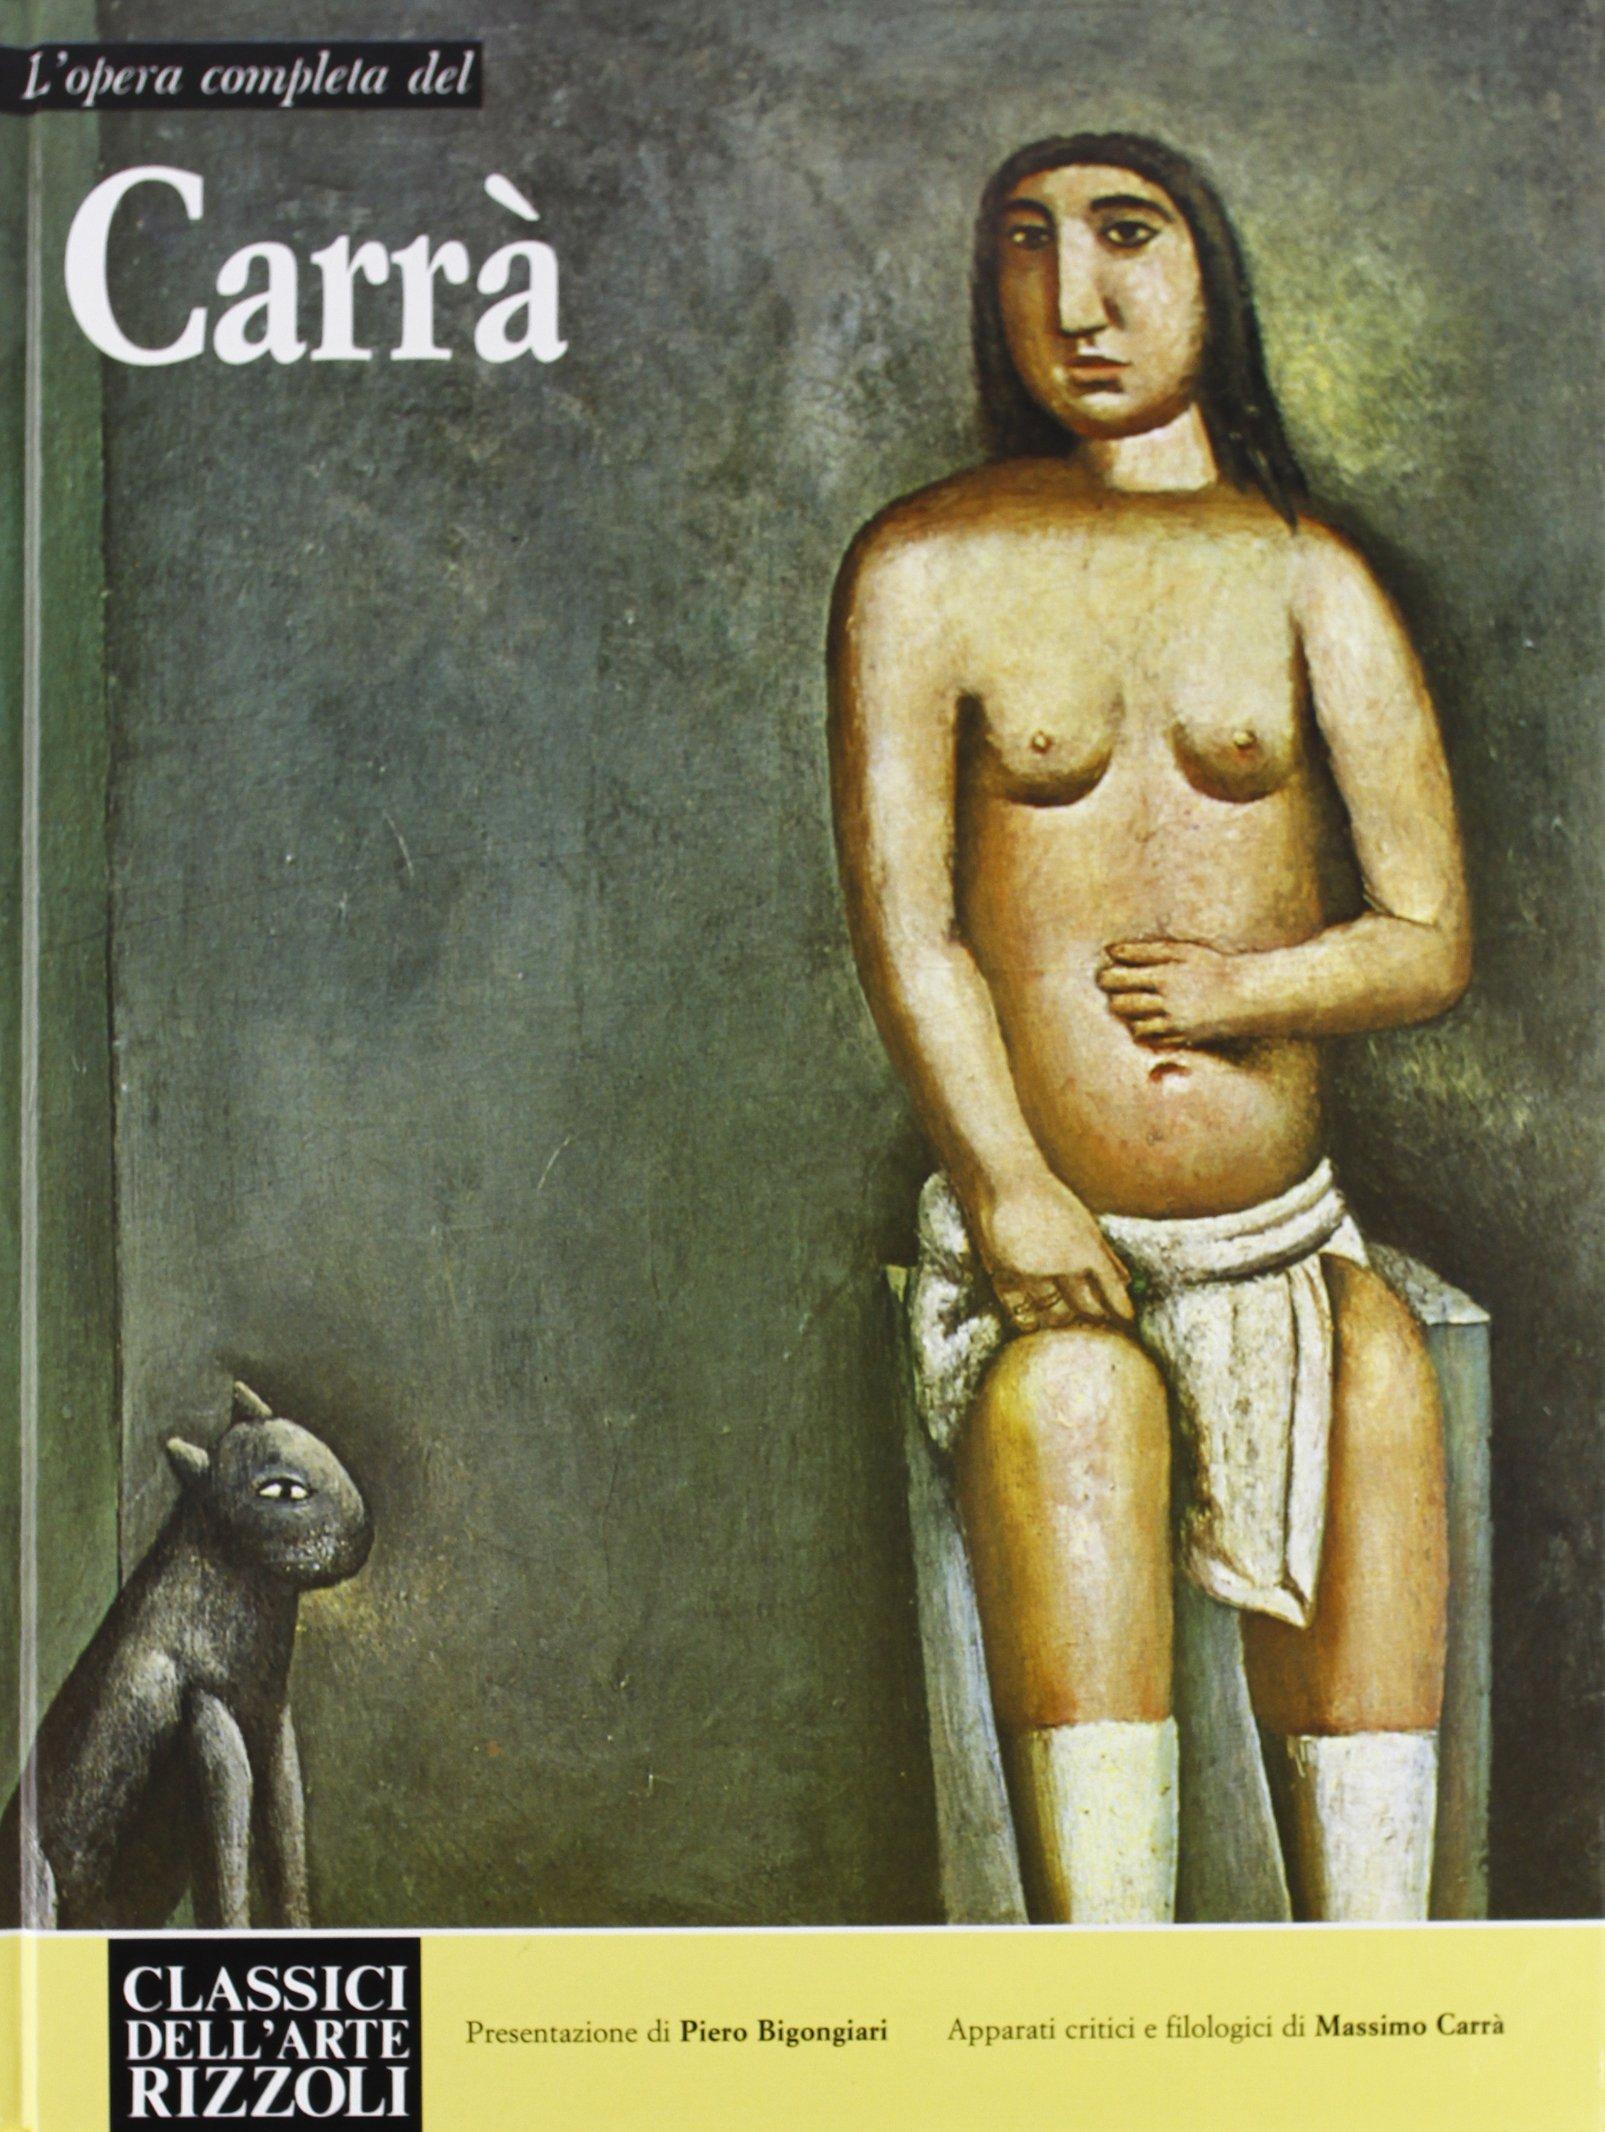 L'opera completa del Carrà Copertina flessibile – 1 gen 1900 Bigongiari Piero Carrà Carlo Rizzoli 8817273449